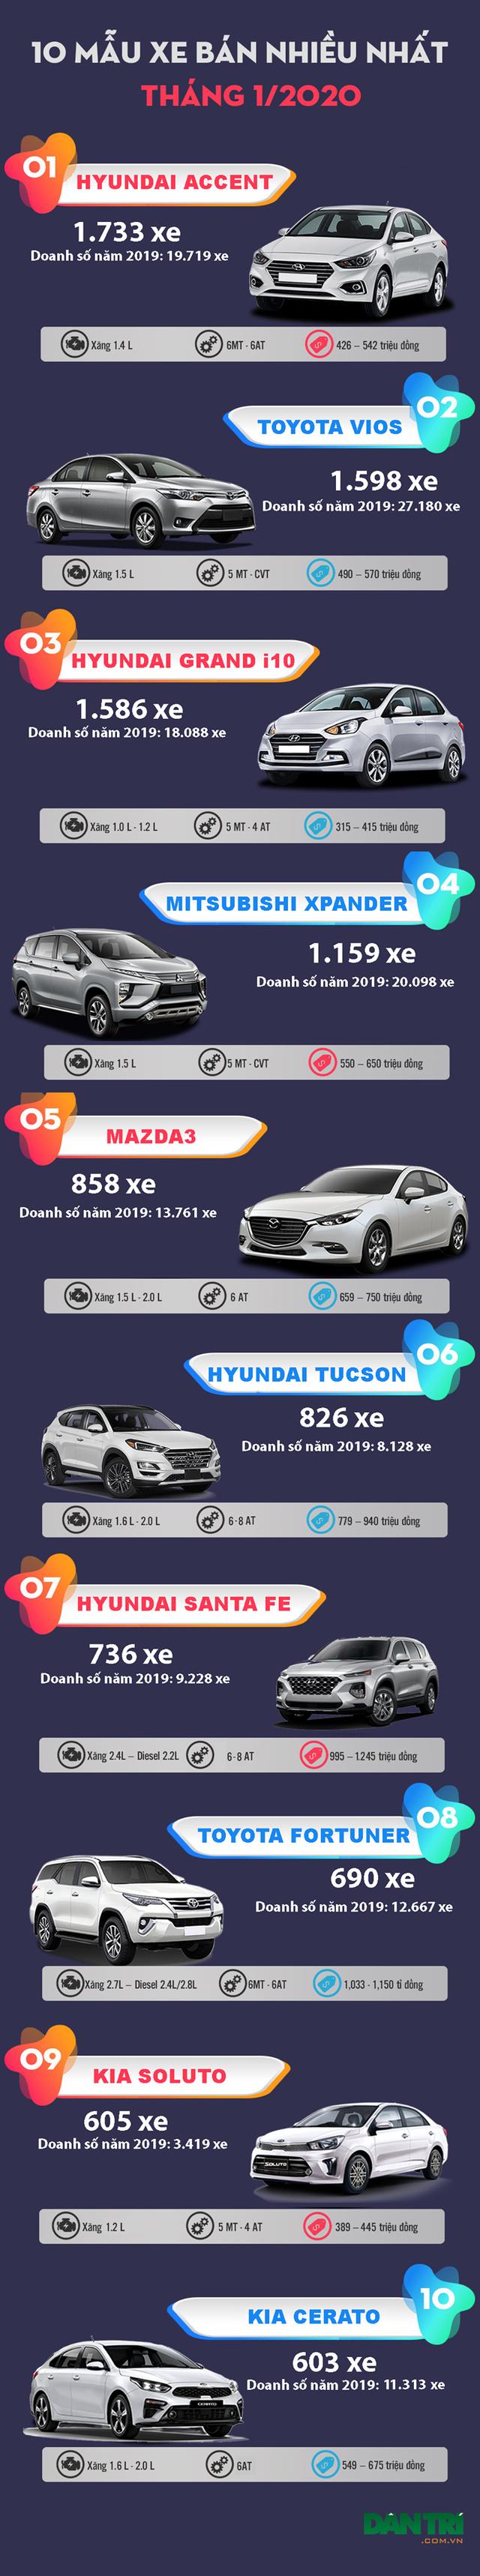 Top 10 mẫu xe bán nhiều nhất tháng 1/2020 - 2